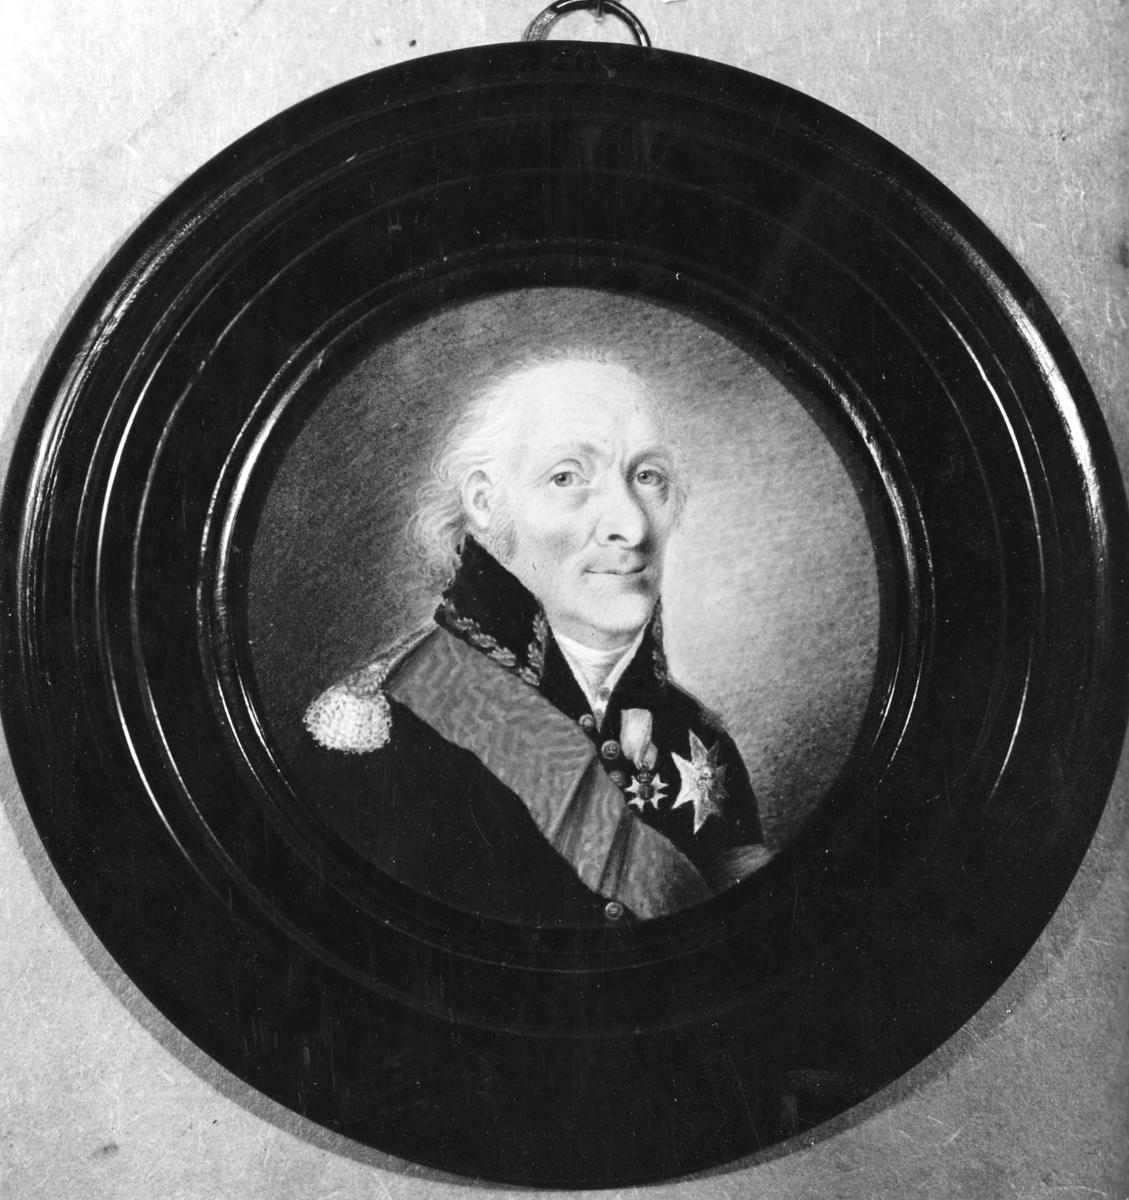 Porträtt i miniatyr på elfenben av skeppsbyggmästaren och varvsamiralen Fredrik Henrik af Chapman iförd uniform med ordnar. Chapman föddes 9 september 1721 och dog 19 augusti 1808.  Porträttet är målat då Chapman var 87 år.  Svart rund ram.